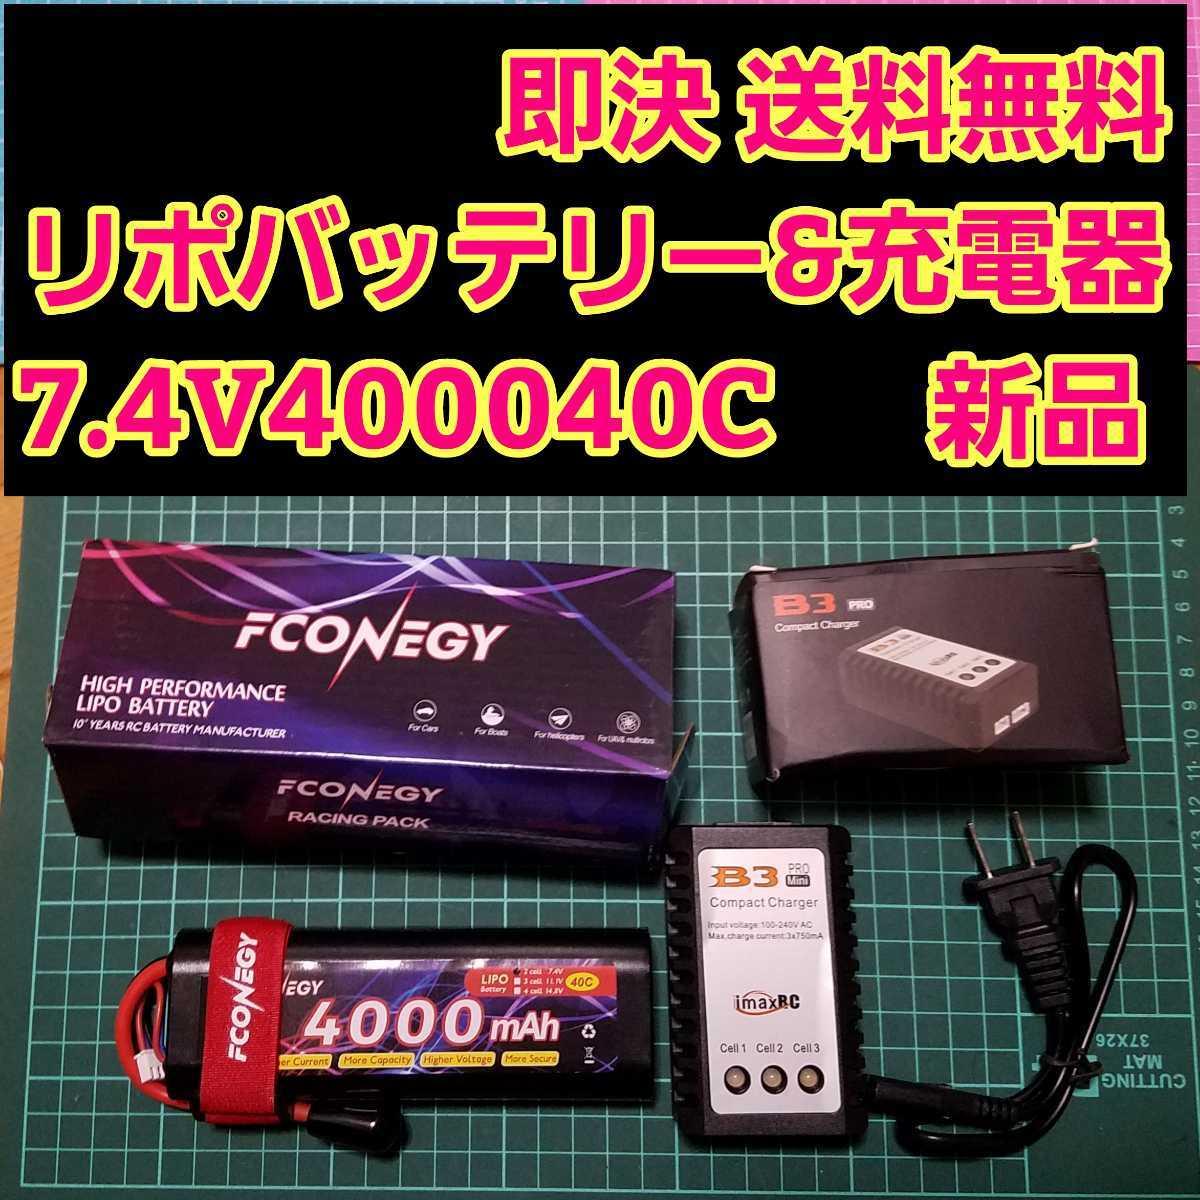 即決《送料無料》 7.4V リポ バッテリー 充電器 セット    ラジコン YD-2 ブラシレス ドリパケ tコネクター ヨコモ タミヤ tt01